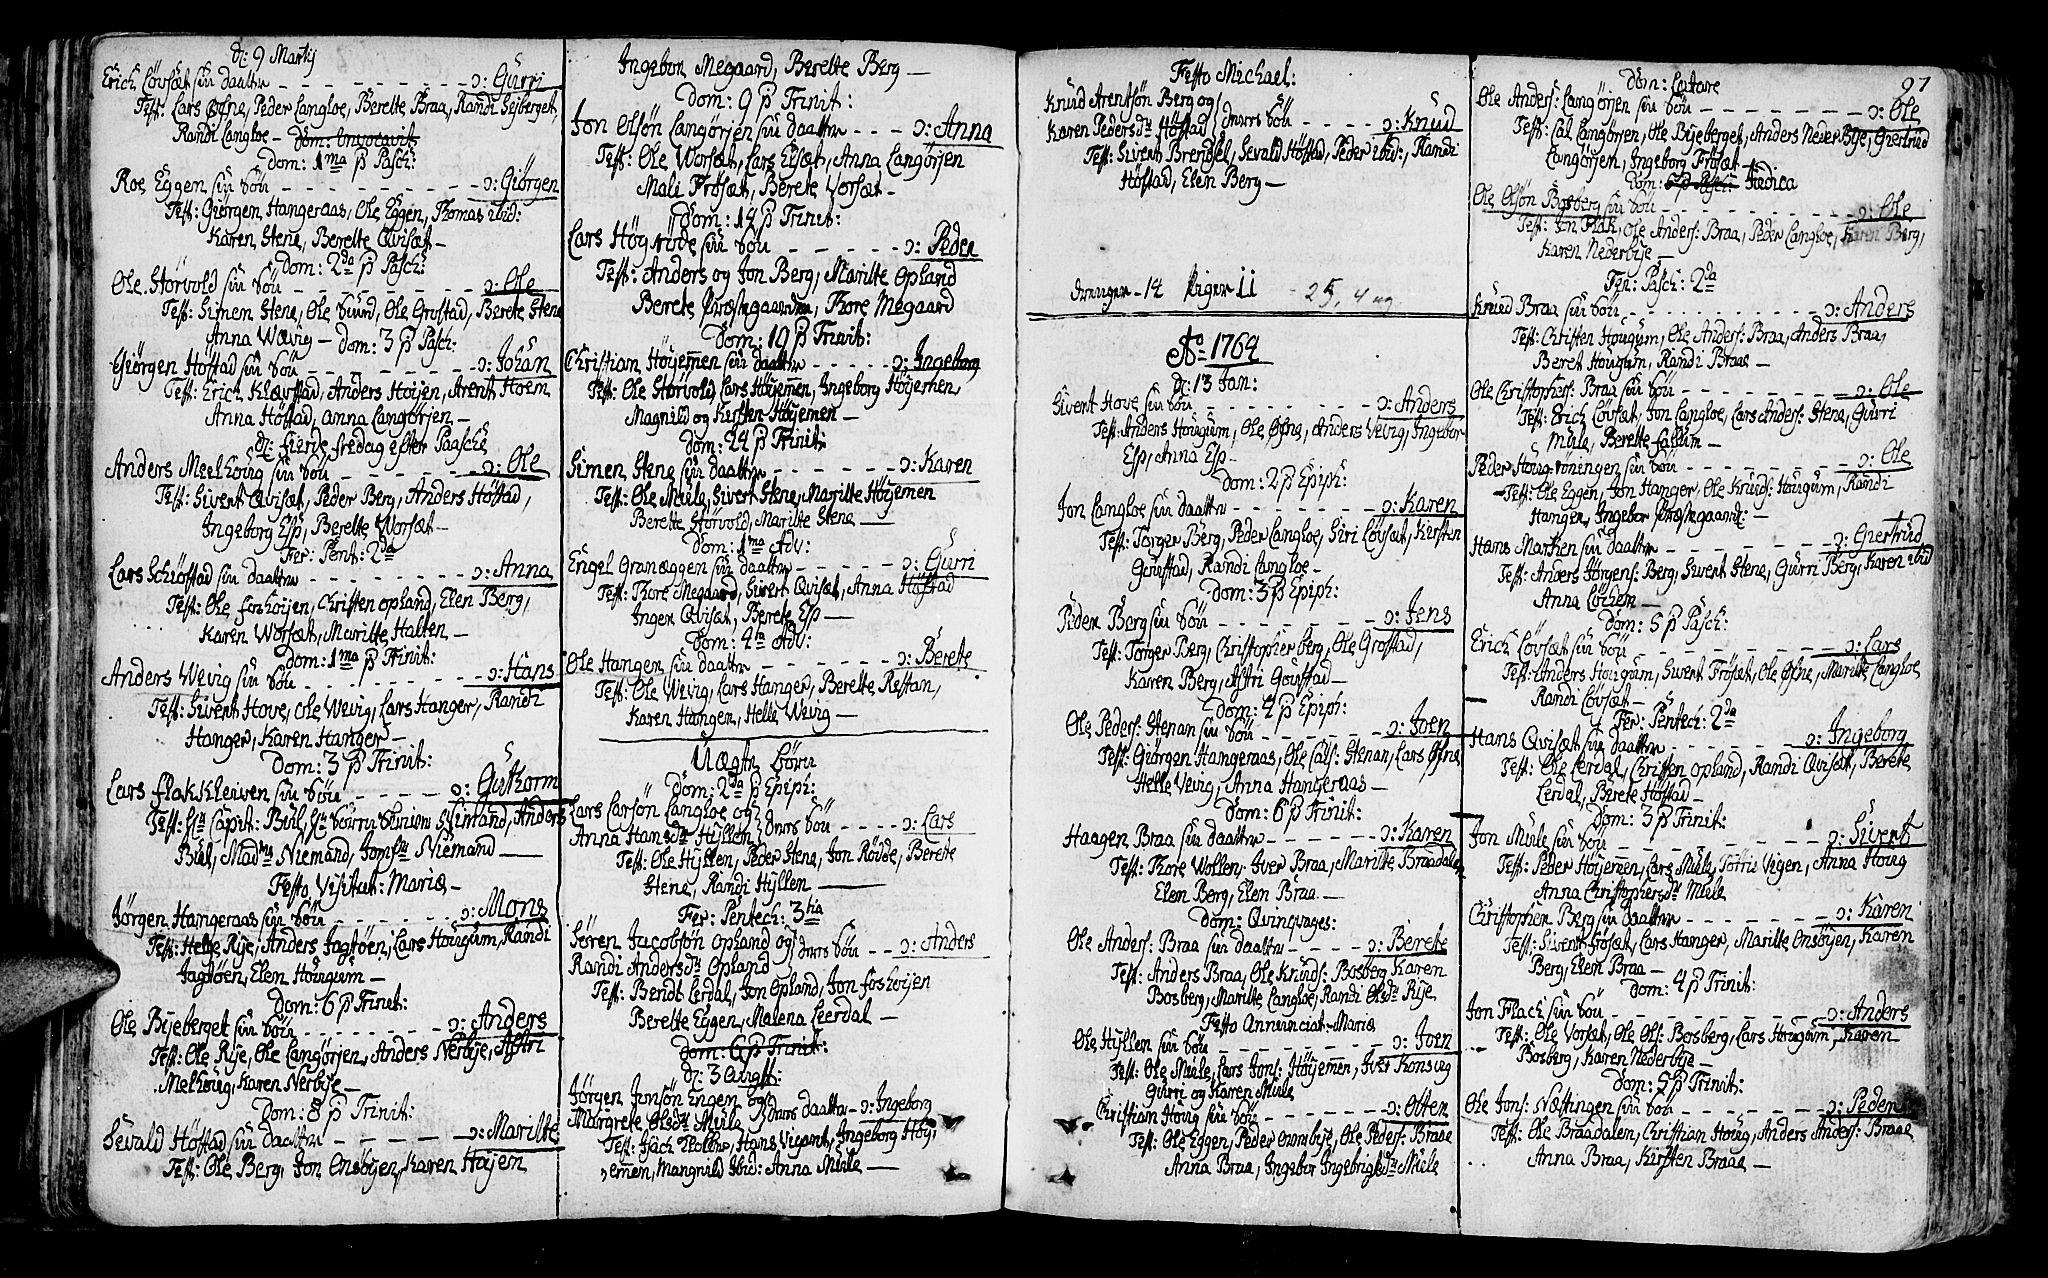 SAT, Ministerialprotokoller, klokkerbøker og fødselsregistre - Sør-Trøndelag, 612/L0370: Ministerialbok nr. 612A04, 1754-1802, s. 97